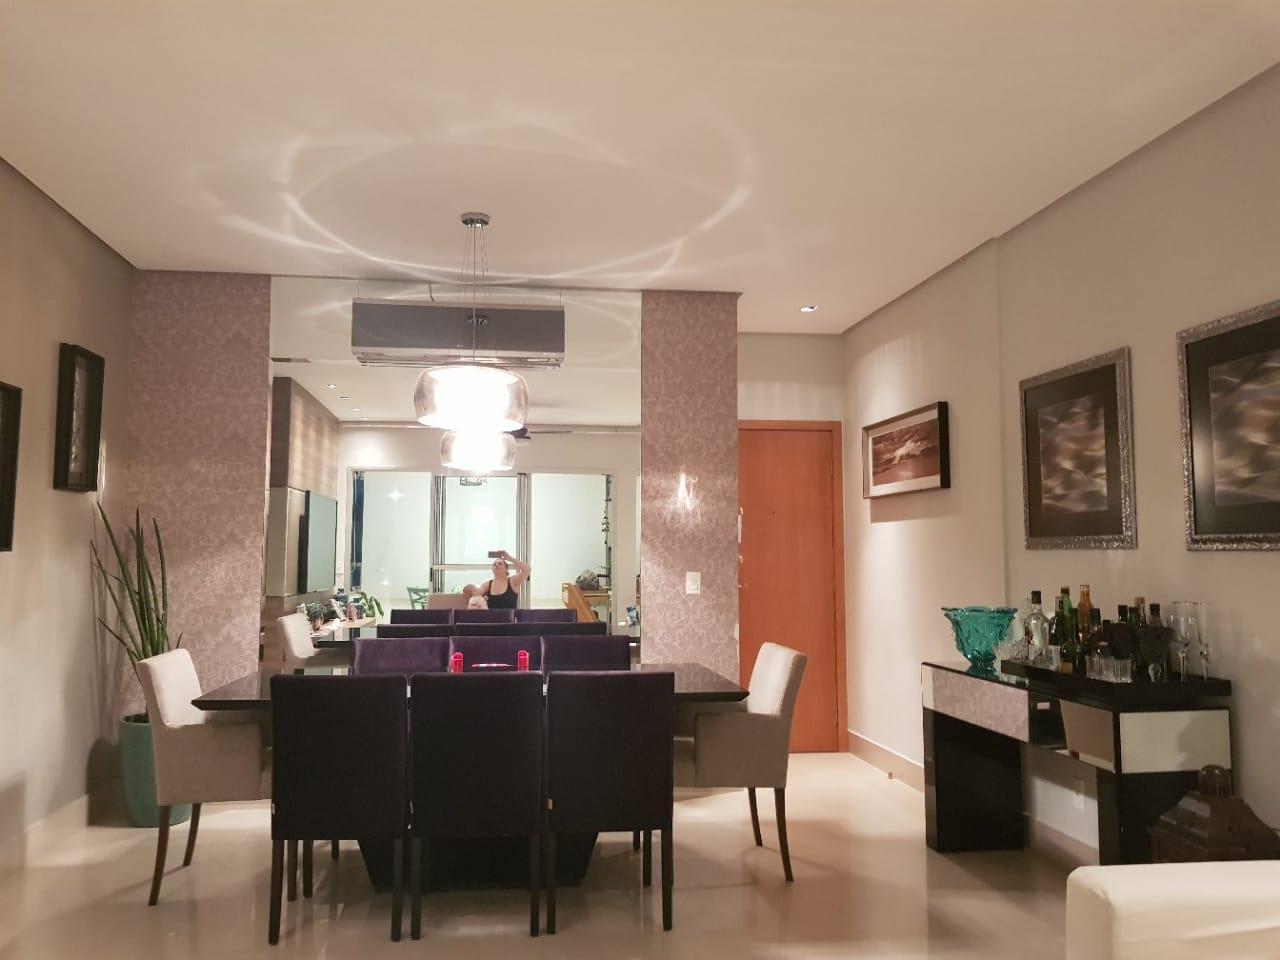 Apartamento à venda,  com 3 quartos sendo 3 suites no PORTAL DO BOSQUE em Cuiabá MT 101 12330